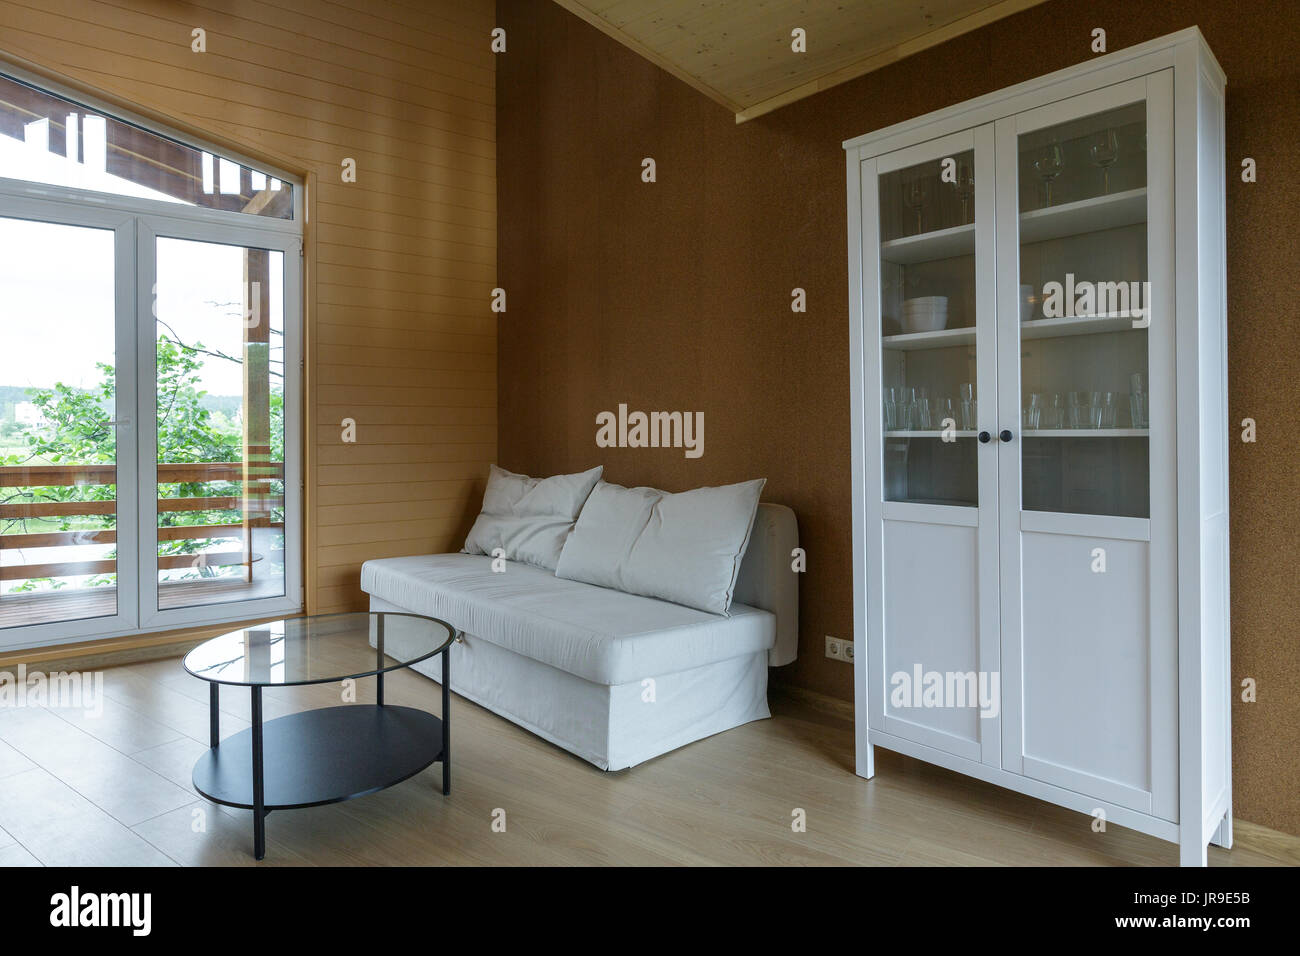 Soffitti In Legno Bianco : Soffitto e pavimento dipinti di bianco immagini & soffitto e